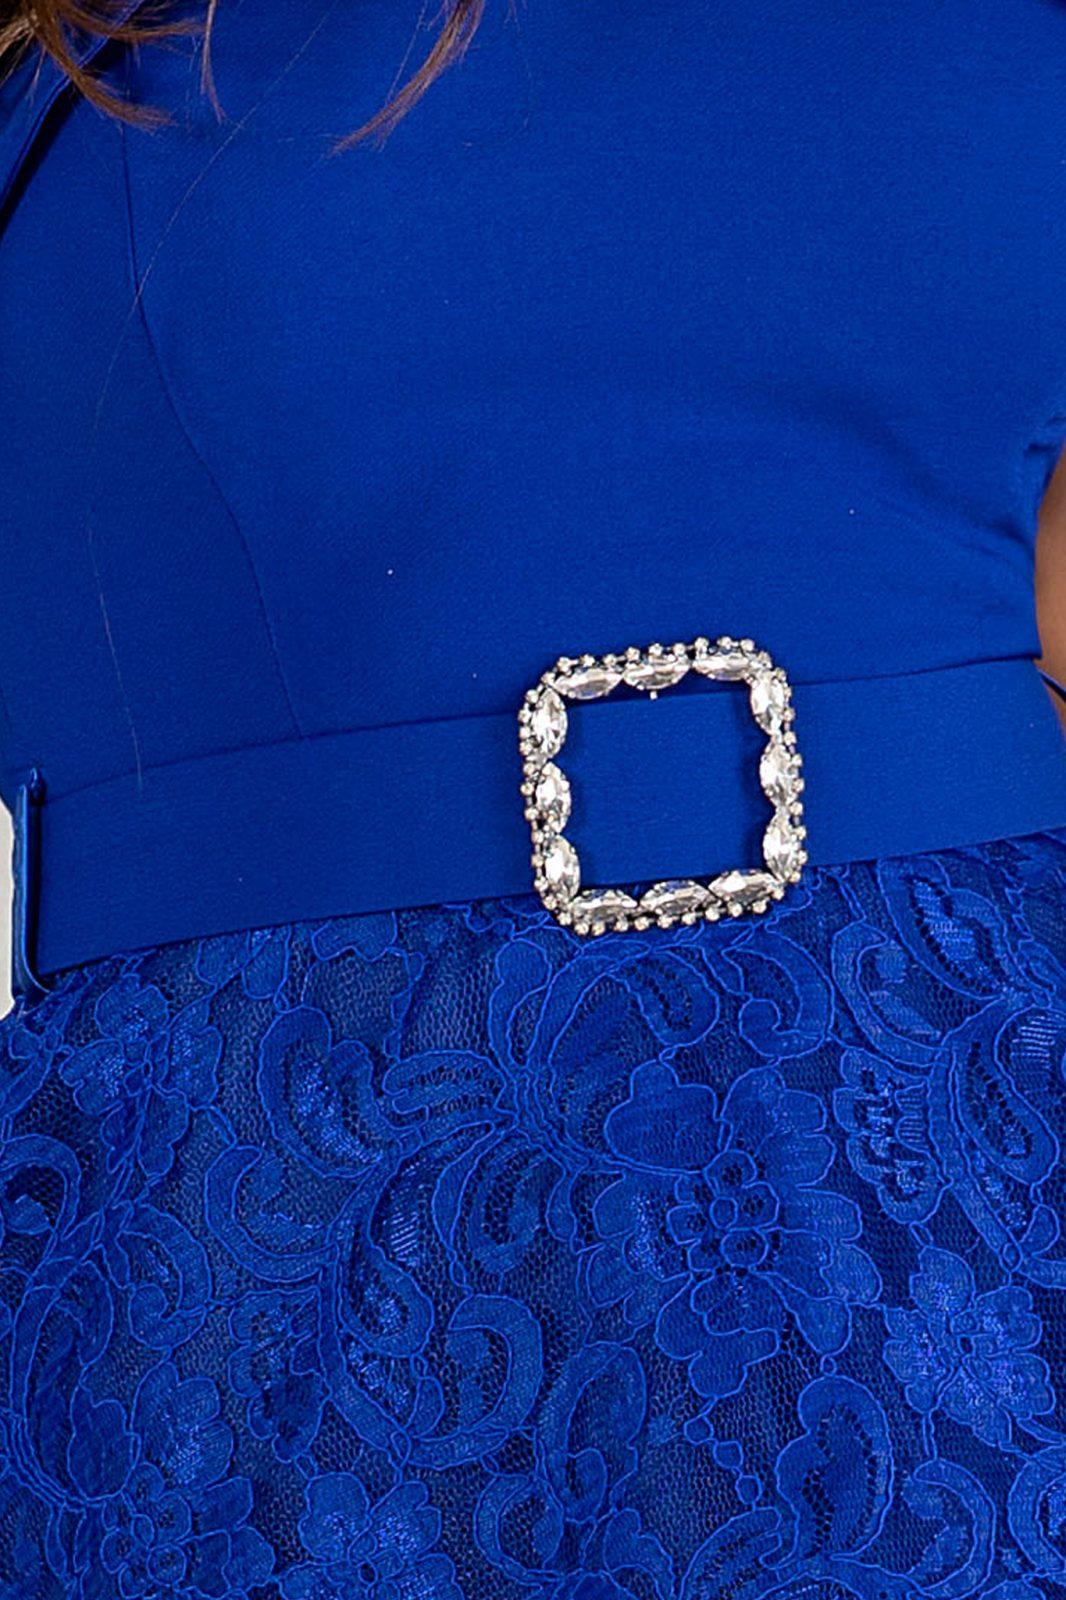 Denisse Royal Μπλε Φόρεμα 4900